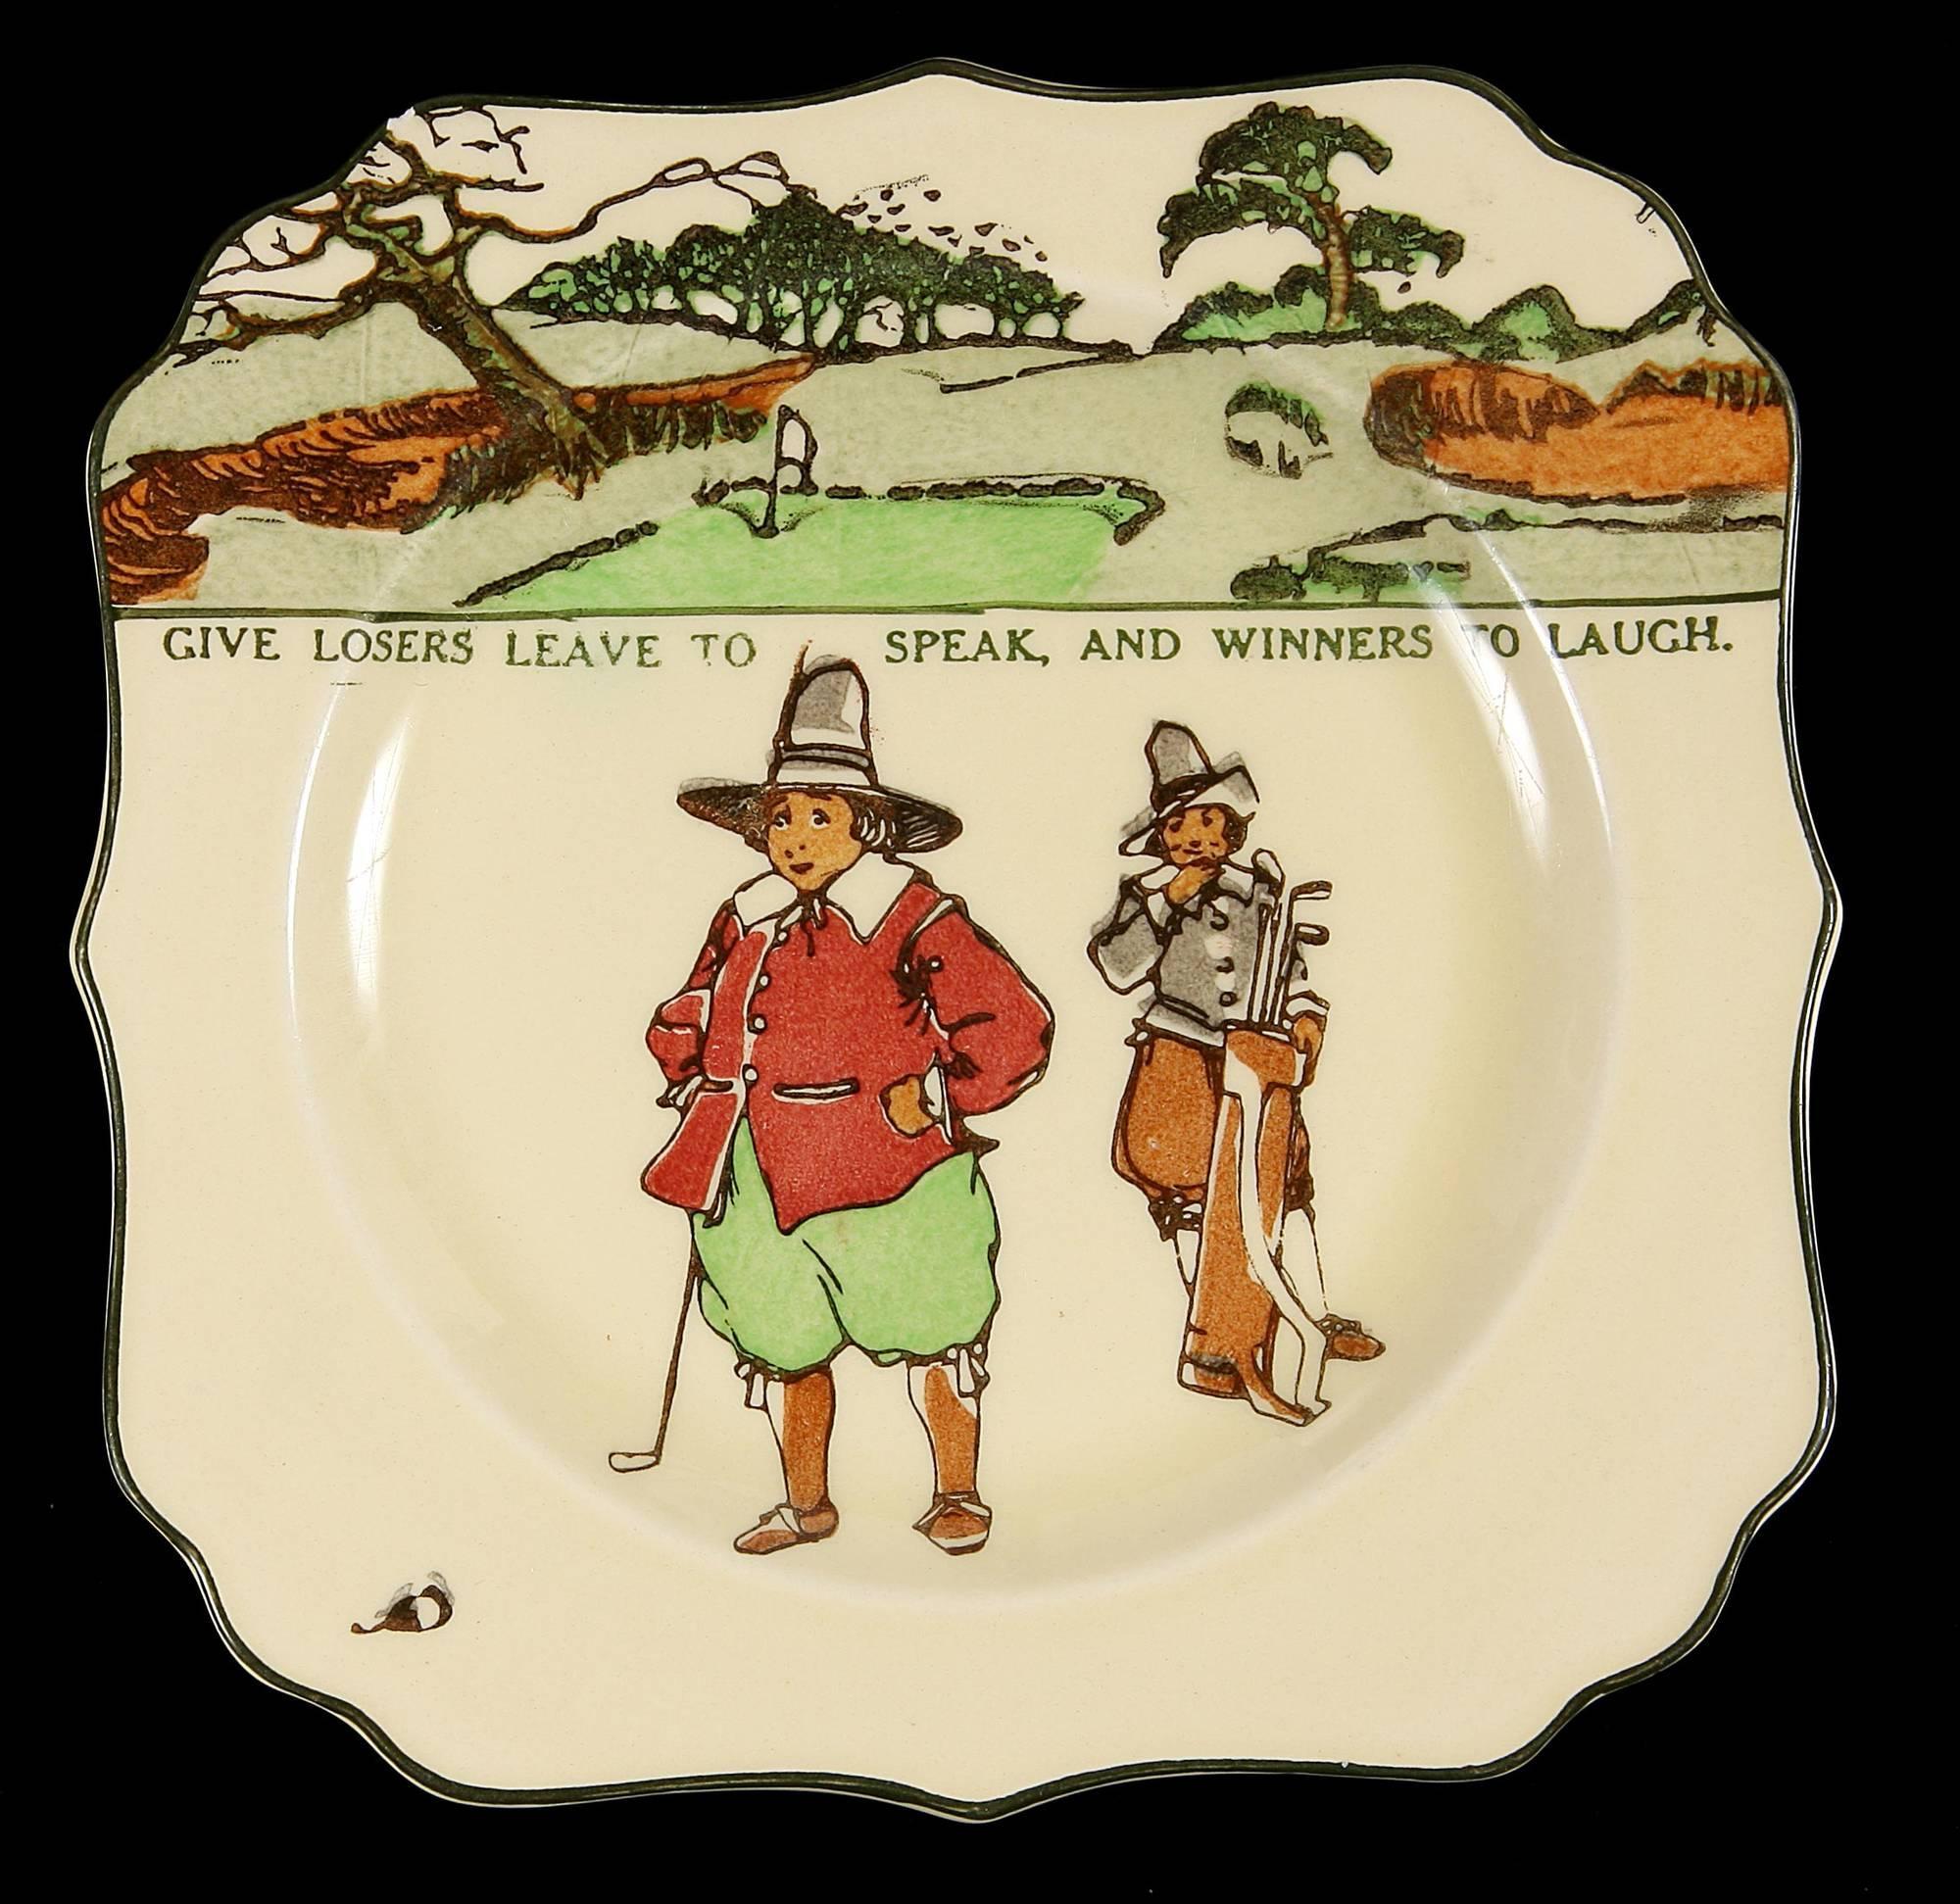 royal doulton plates prices